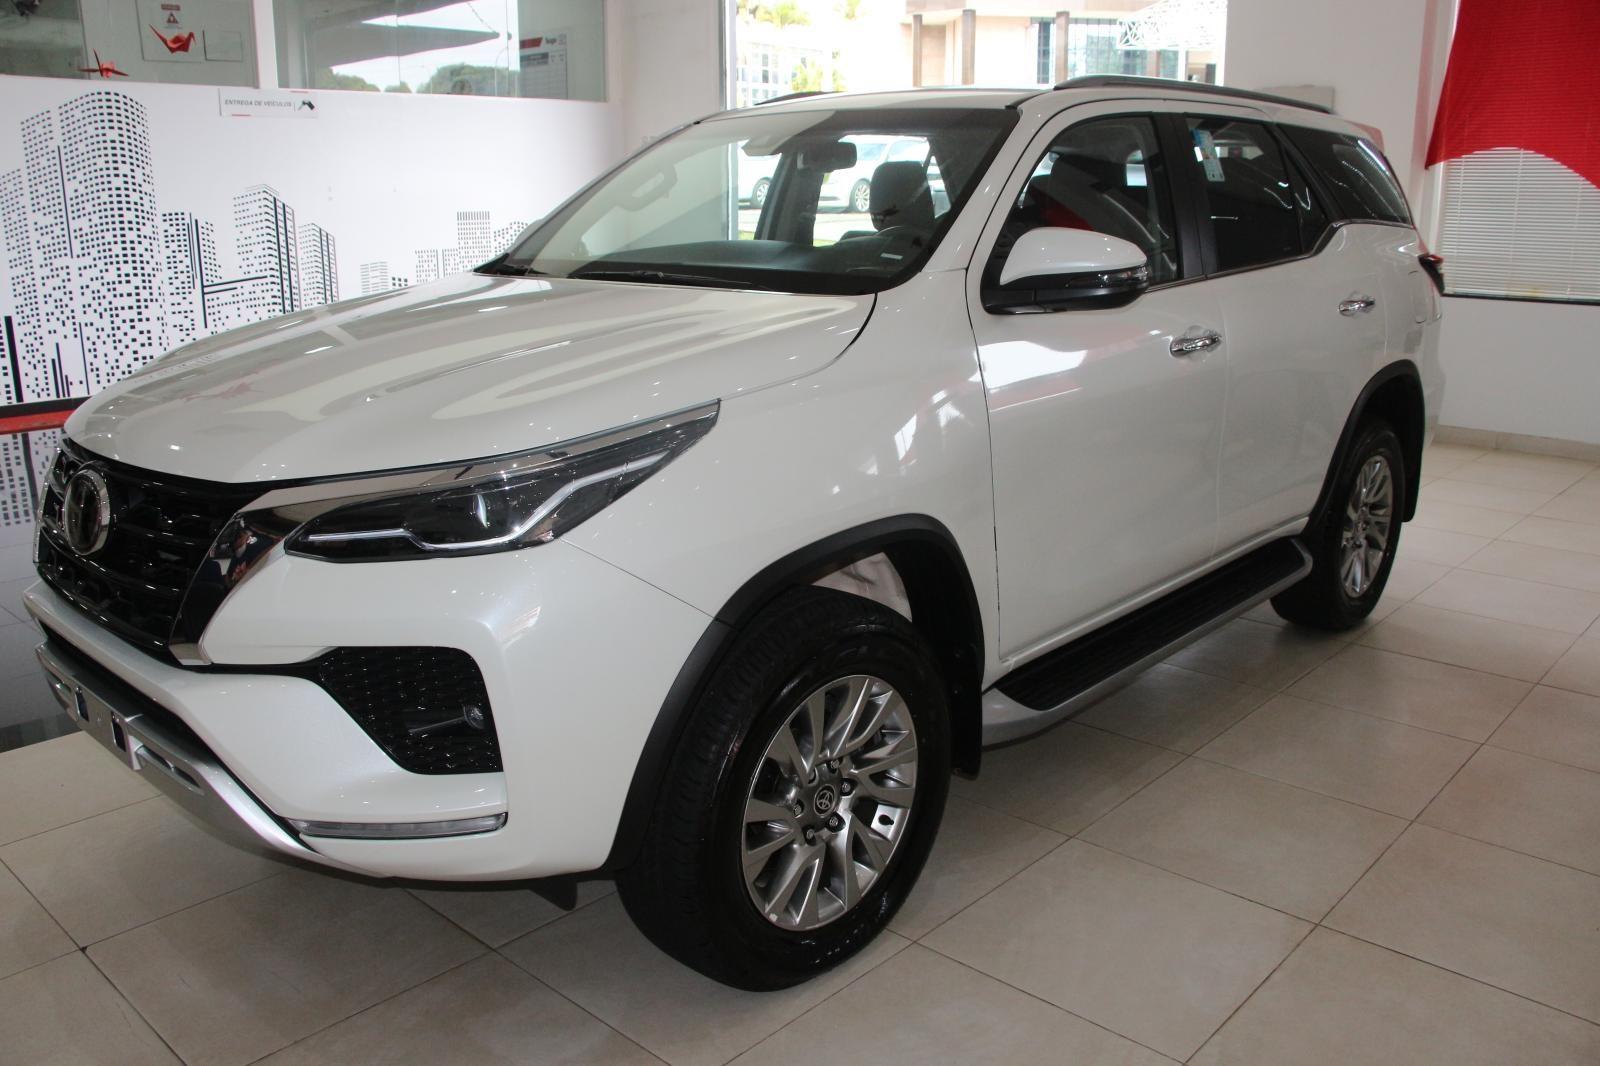 //www.autoline.com.br/carro/toyota/hilux-sw4-28-srx-16v-diesel-4p-4x4-turbo-automatico/2021/brasilia-df/14908760